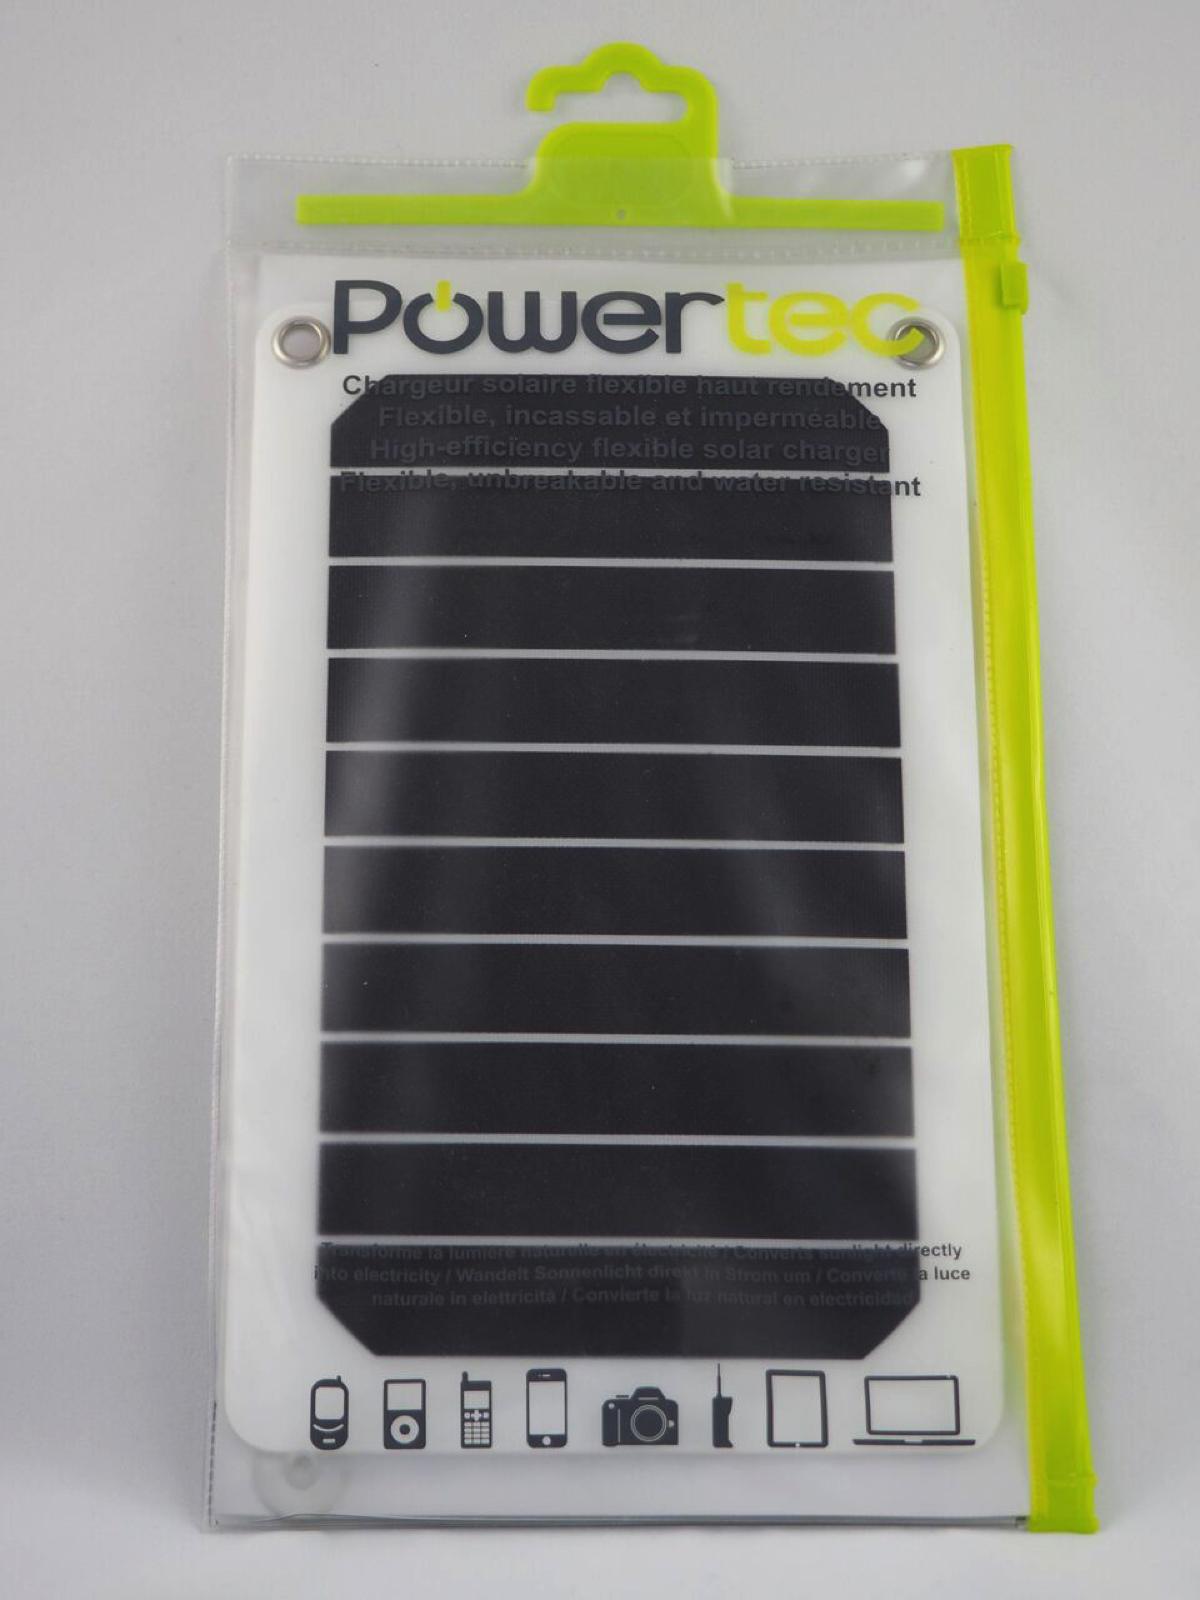 Powertec - Sun Flex - Panel Solar